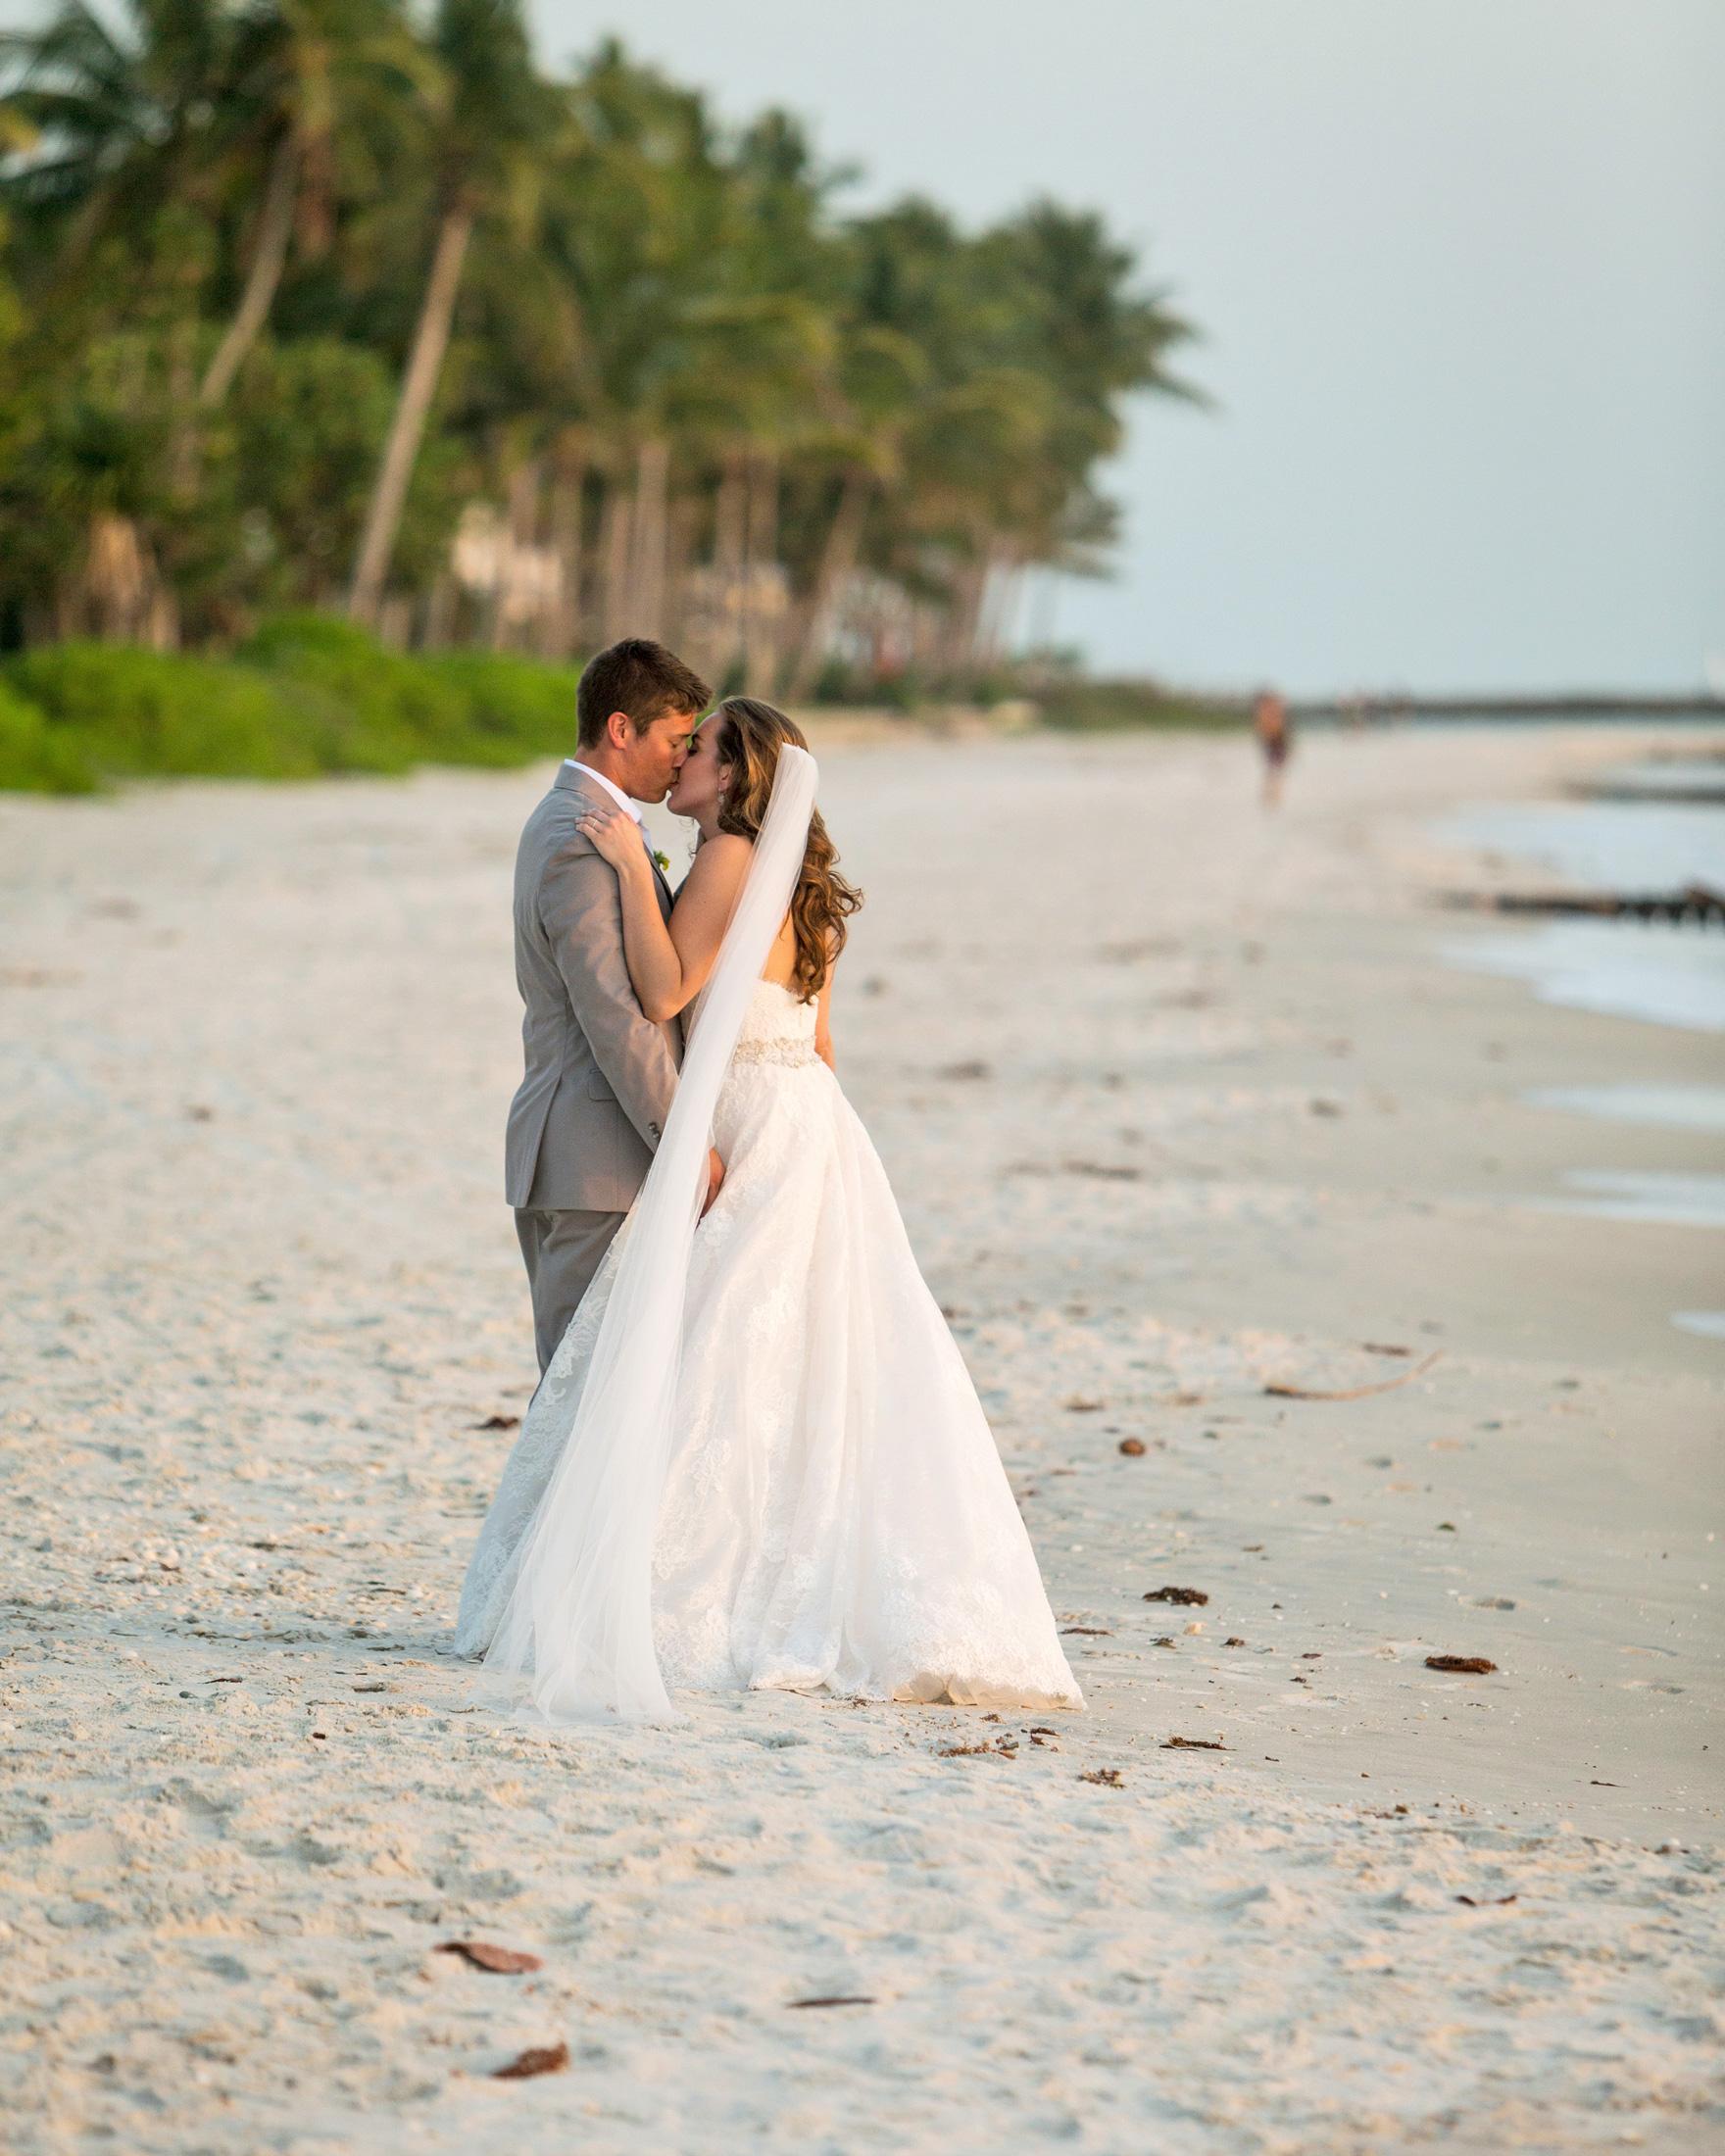 erin-ryan-florida-wedding-couple-beach-1039-s113010-0516.jpg